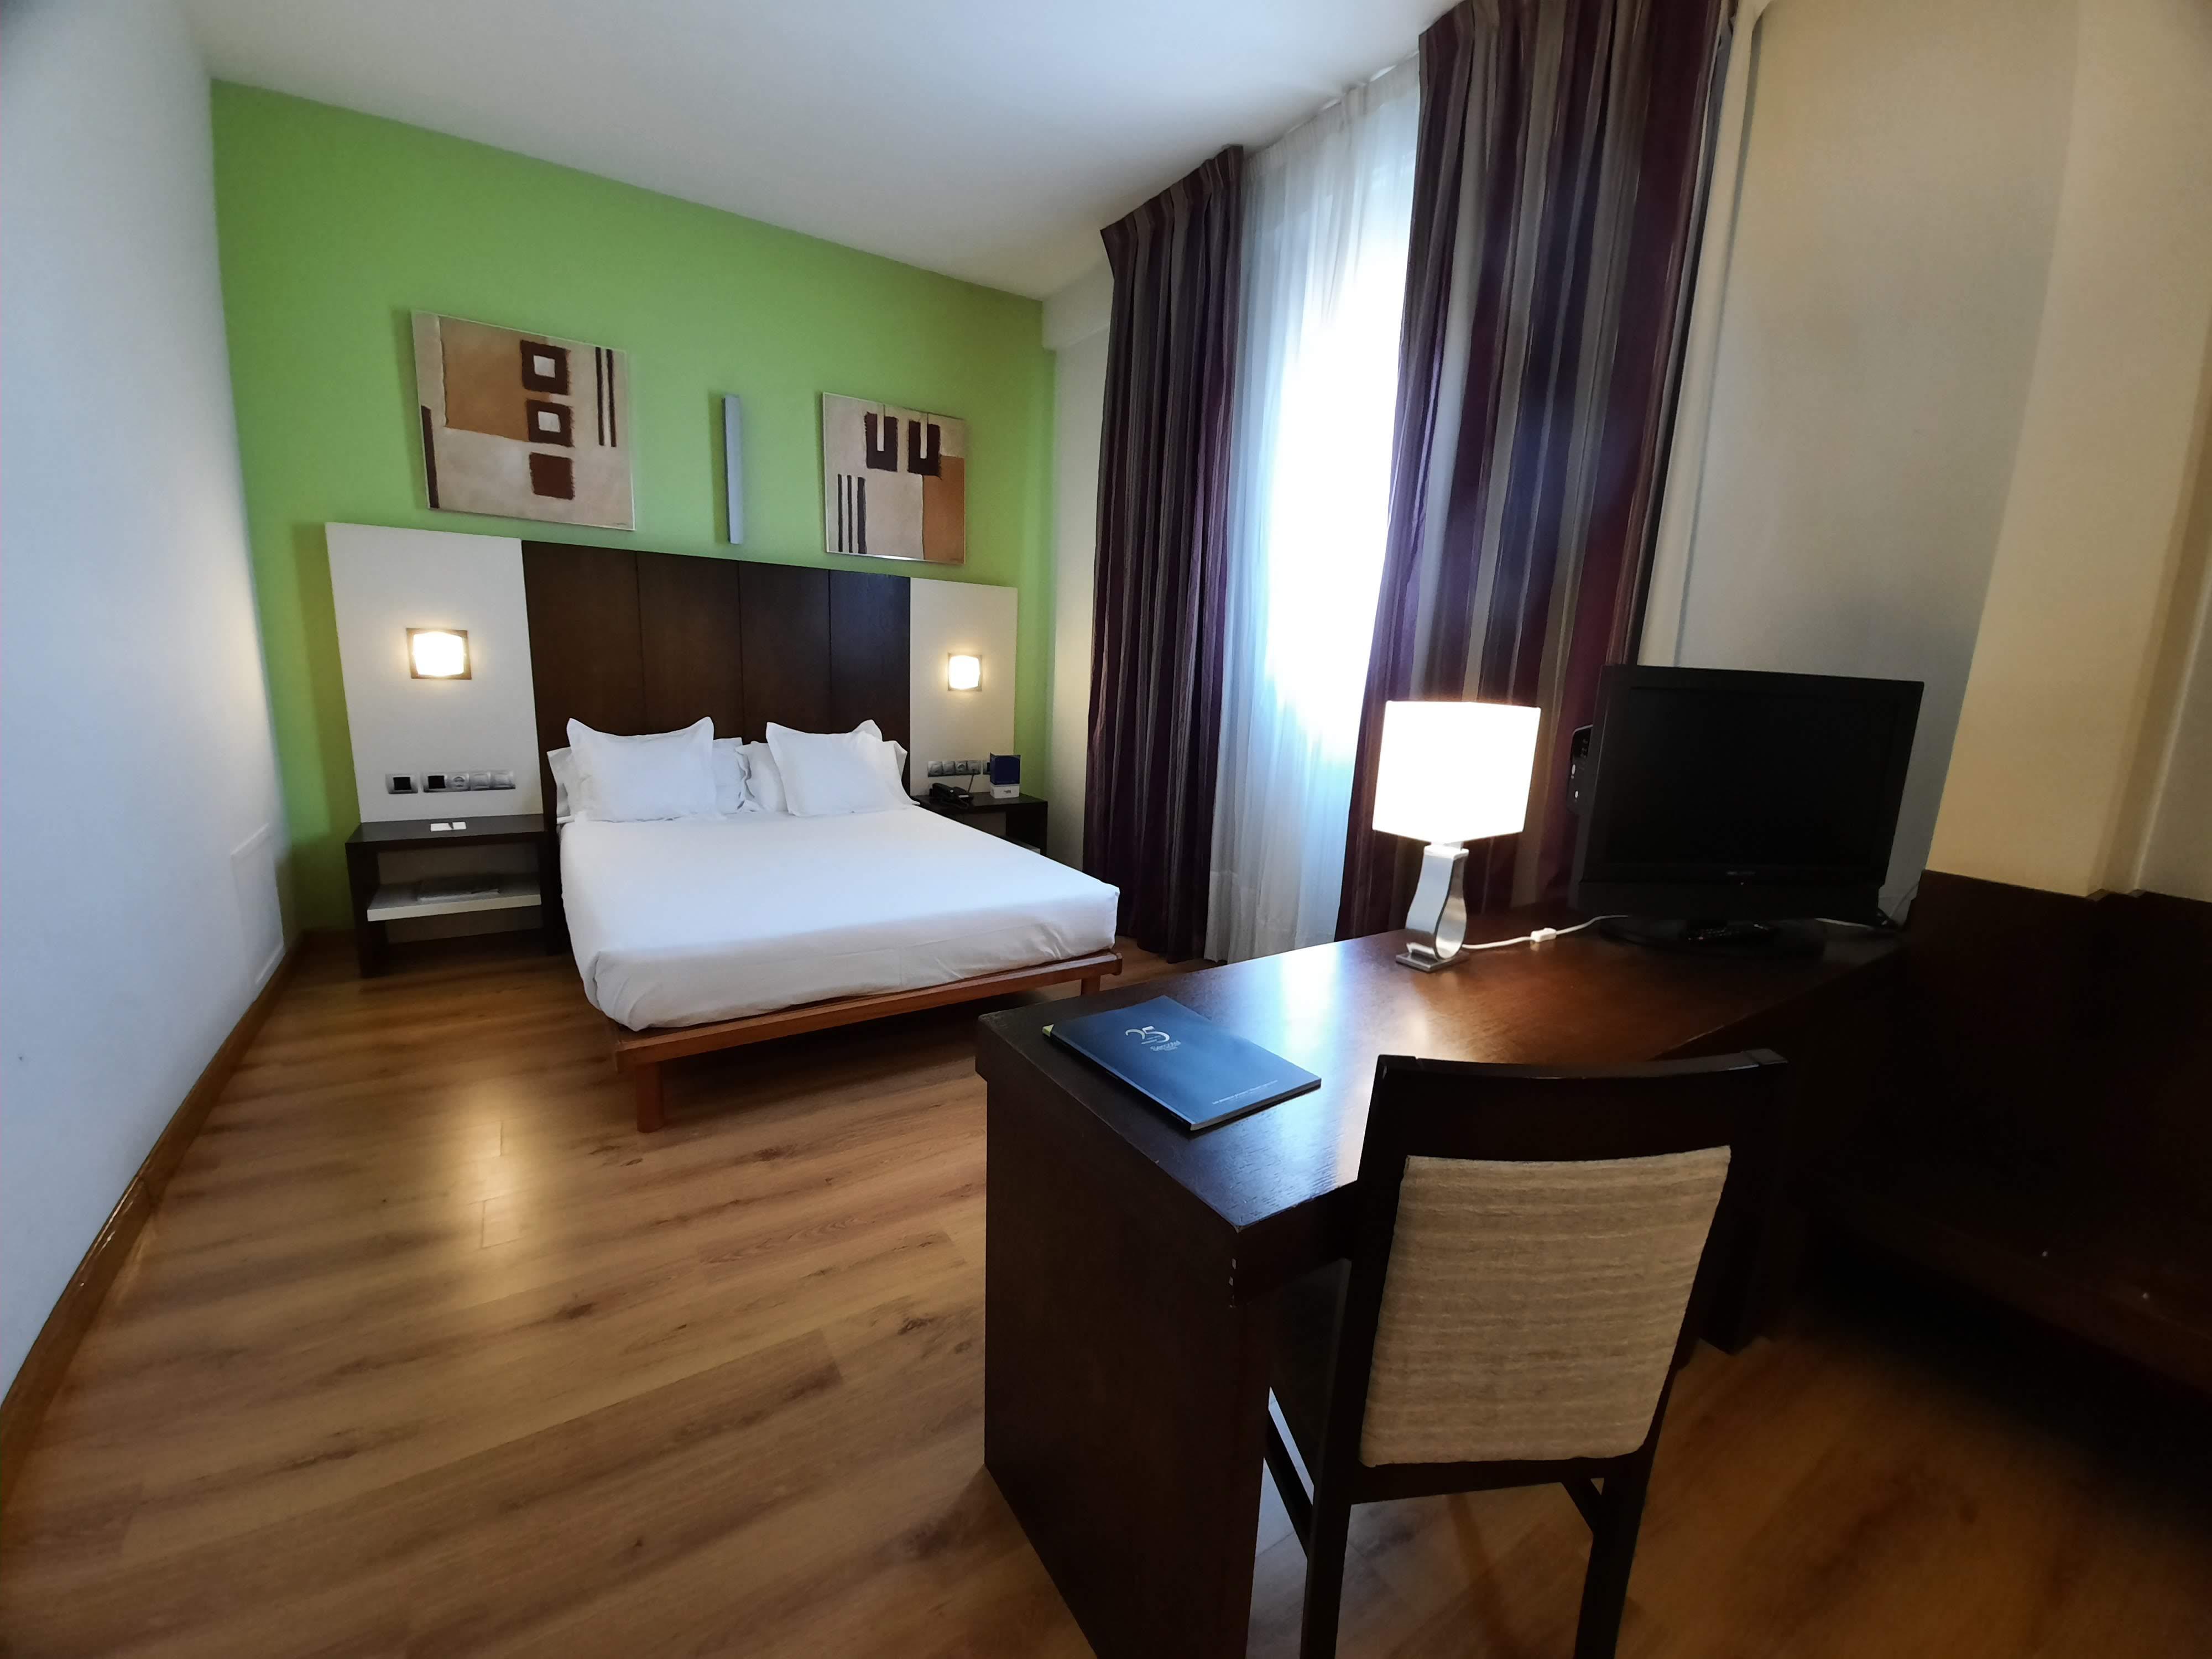 Fotos del hotel - LA BOROÑA